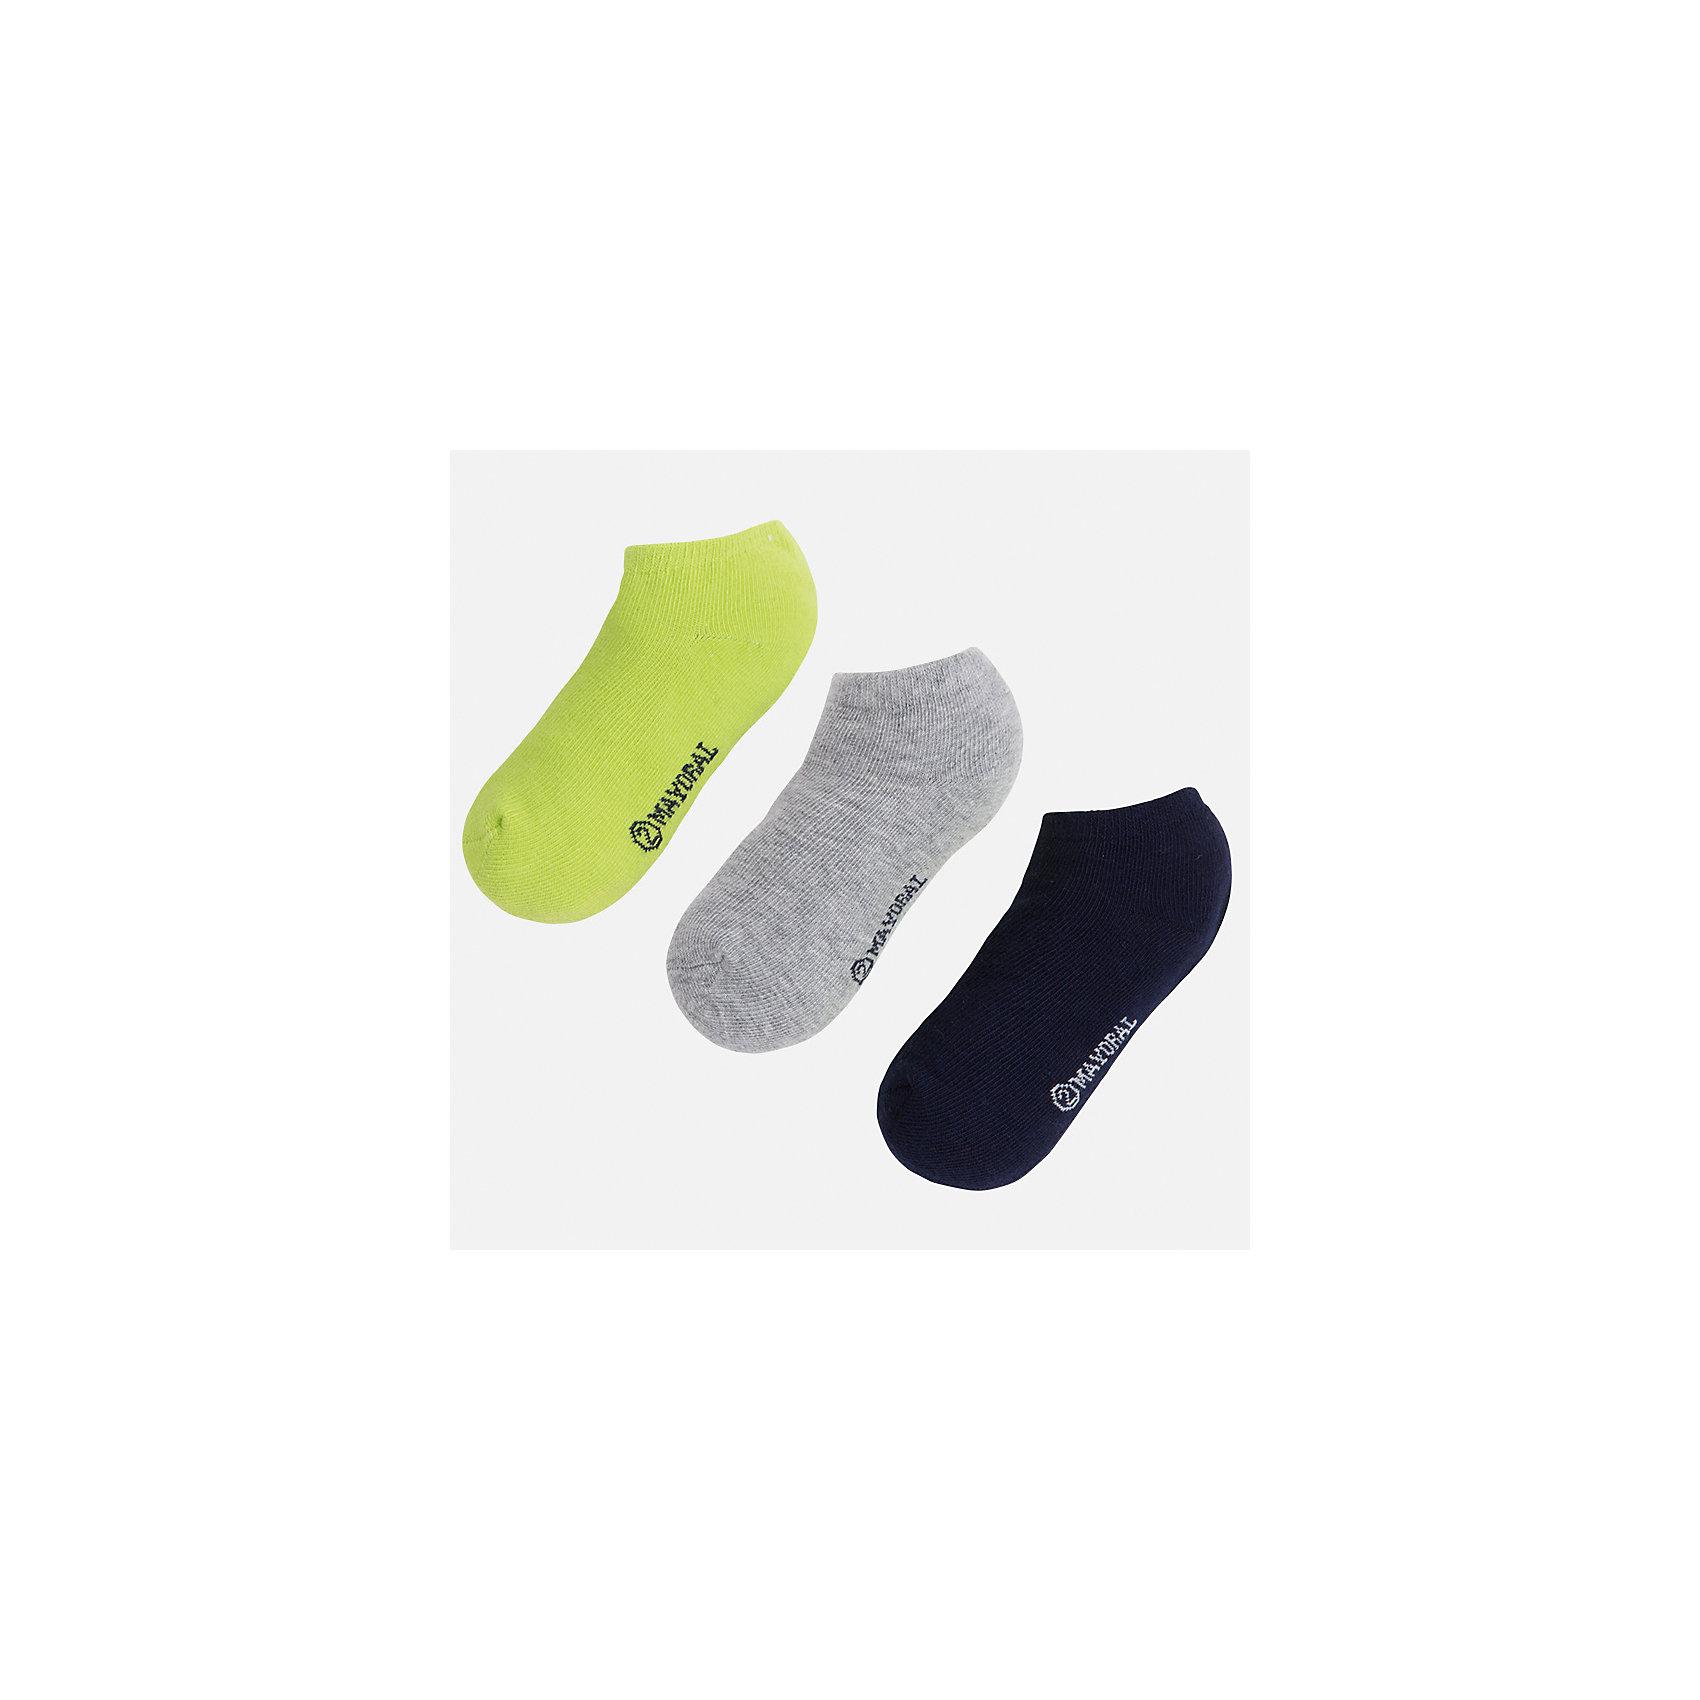 Носки для мальчика MayoralХарактеристики товара:<br><br>• цвет: зеленый/серый/синий<br>• состав: 72% хлопок, 25% полиамид, 3% эластан<br>• комплектация: три пары<br>• мягкая резинка<br>• эластичный материал<br>• однотонные<br>• страна бренда: Испания<br><br>Удобные симпатичные носки для мальчика помогут обеспечить ребенку комфорт и дополнить наряд. Универсальный цвет позволяет надевать их под обувь разных расцветок. Носки удобно сидят на ноге и аккуратно смотрятся. Этот комплект - практичный и красивый! В составе материала - натуральный хлопок, гипоаллергенный, приятный на ощупь, дышащий. <br><br>Одежда, обувь и аксессуары от испанского бренда Mayoral полюбились детям и взрослым по всему миру. Модели этой марки - стильные и удобные. Для их производства используются только безопасные, качественные материалы и фурнитура. Порадуйте ребенка модными и красивыми вещами от Mayoral! <br><br>Носки (3 пары) для мальчика от испанского бренда Mayoral (Майорал) можно купить в нашем интернет-магазине.<br><br>Ширина мм: 87<br>Глубина мм: 10<br>Высота мм: 105<br>Вес г: 115<br>Цвет: зеленый<br>Возраст от месяцев: 12<br>Возраст до месяцев: 24<br>Пол: Мужской<br>Возраст: Детский<br>Размер: 2,4,6,8<br>SKU: 5294377